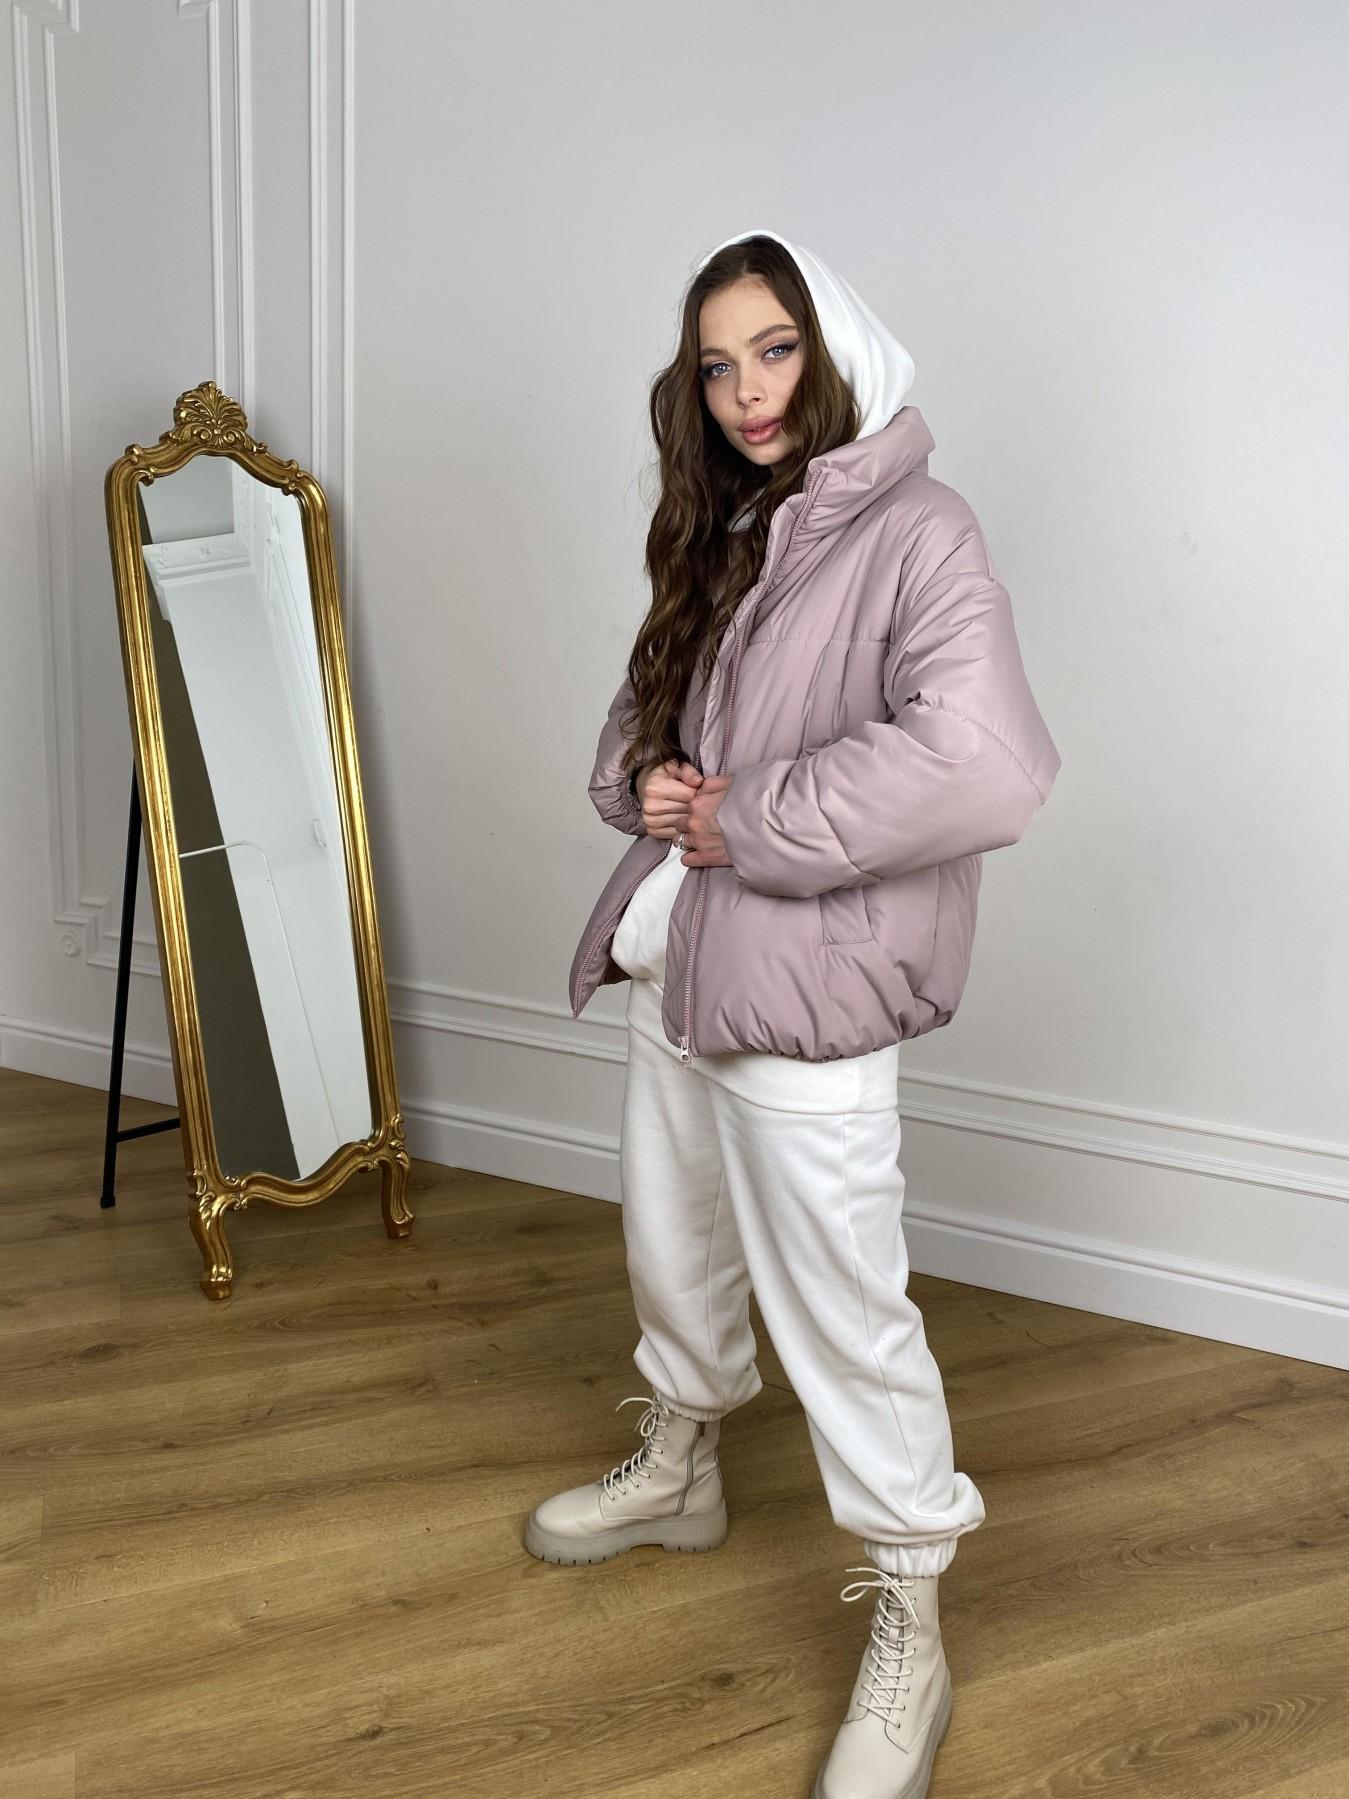 Муд куртка из плащевой ткани 10509 АРТ. 46917 Цвет: Пудра - фото 6, интернет магазин tm-modus.ru